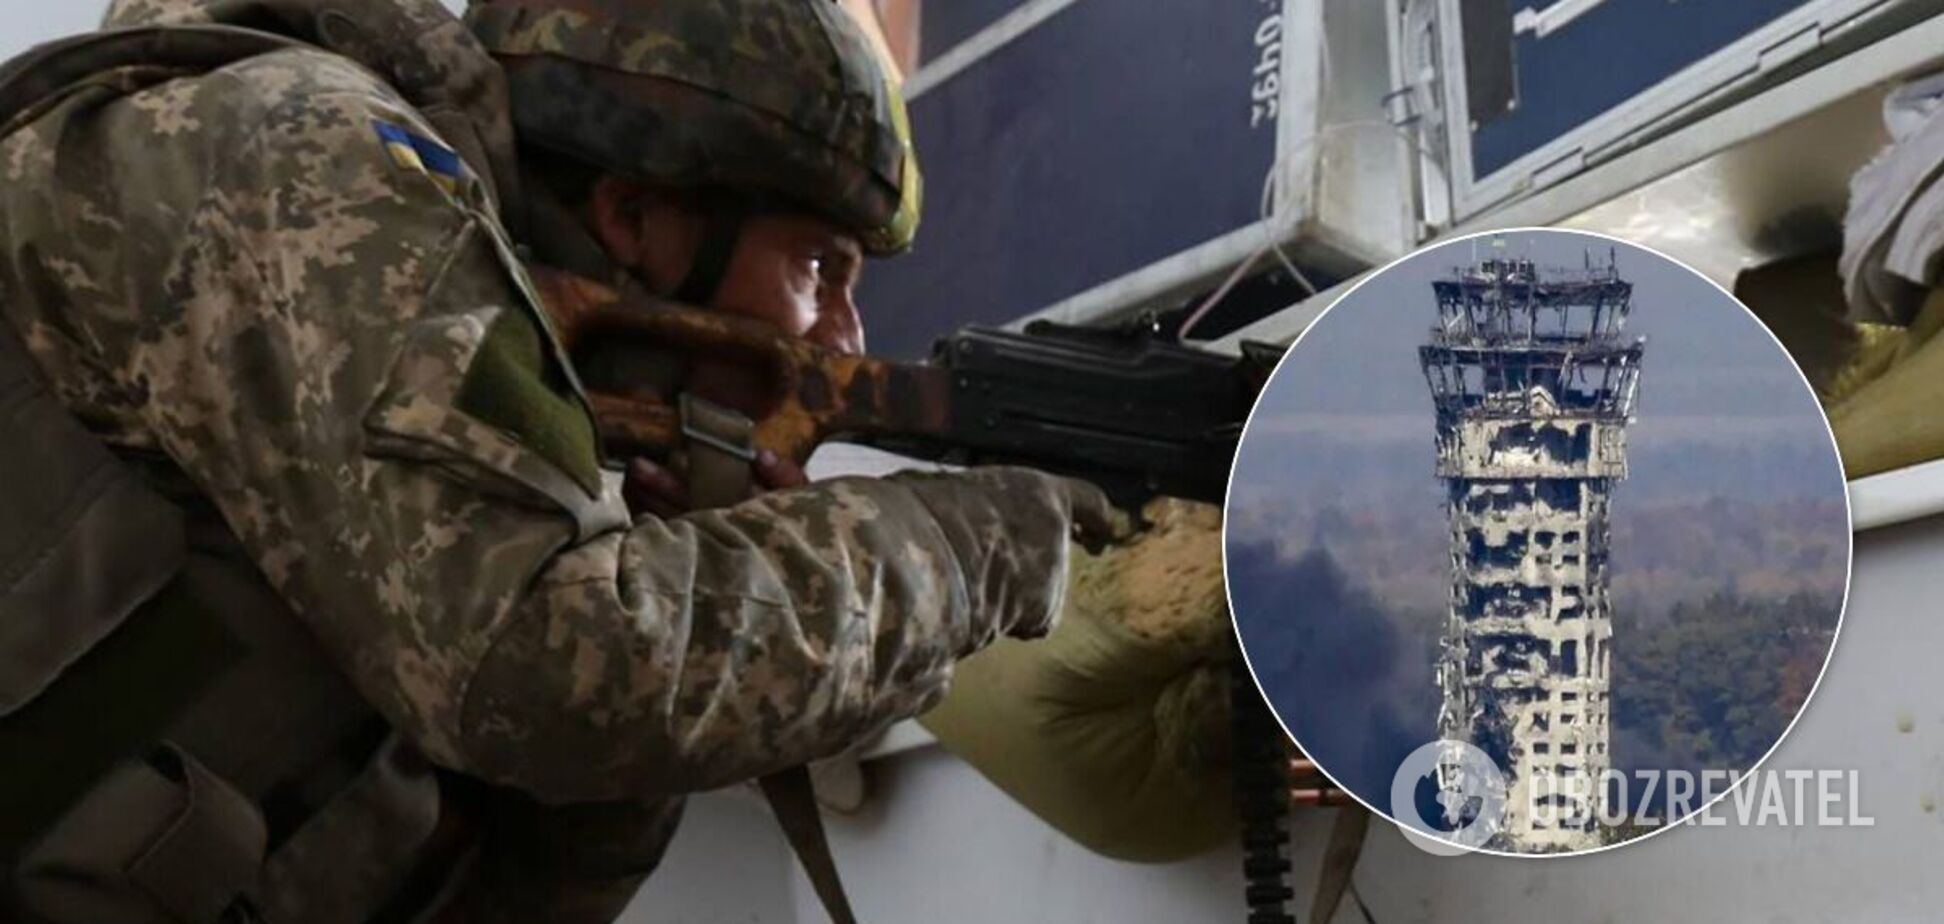 Украина чтит память защитников Донецкого аэропорта: подвиг 'киборгов' в фото и видео